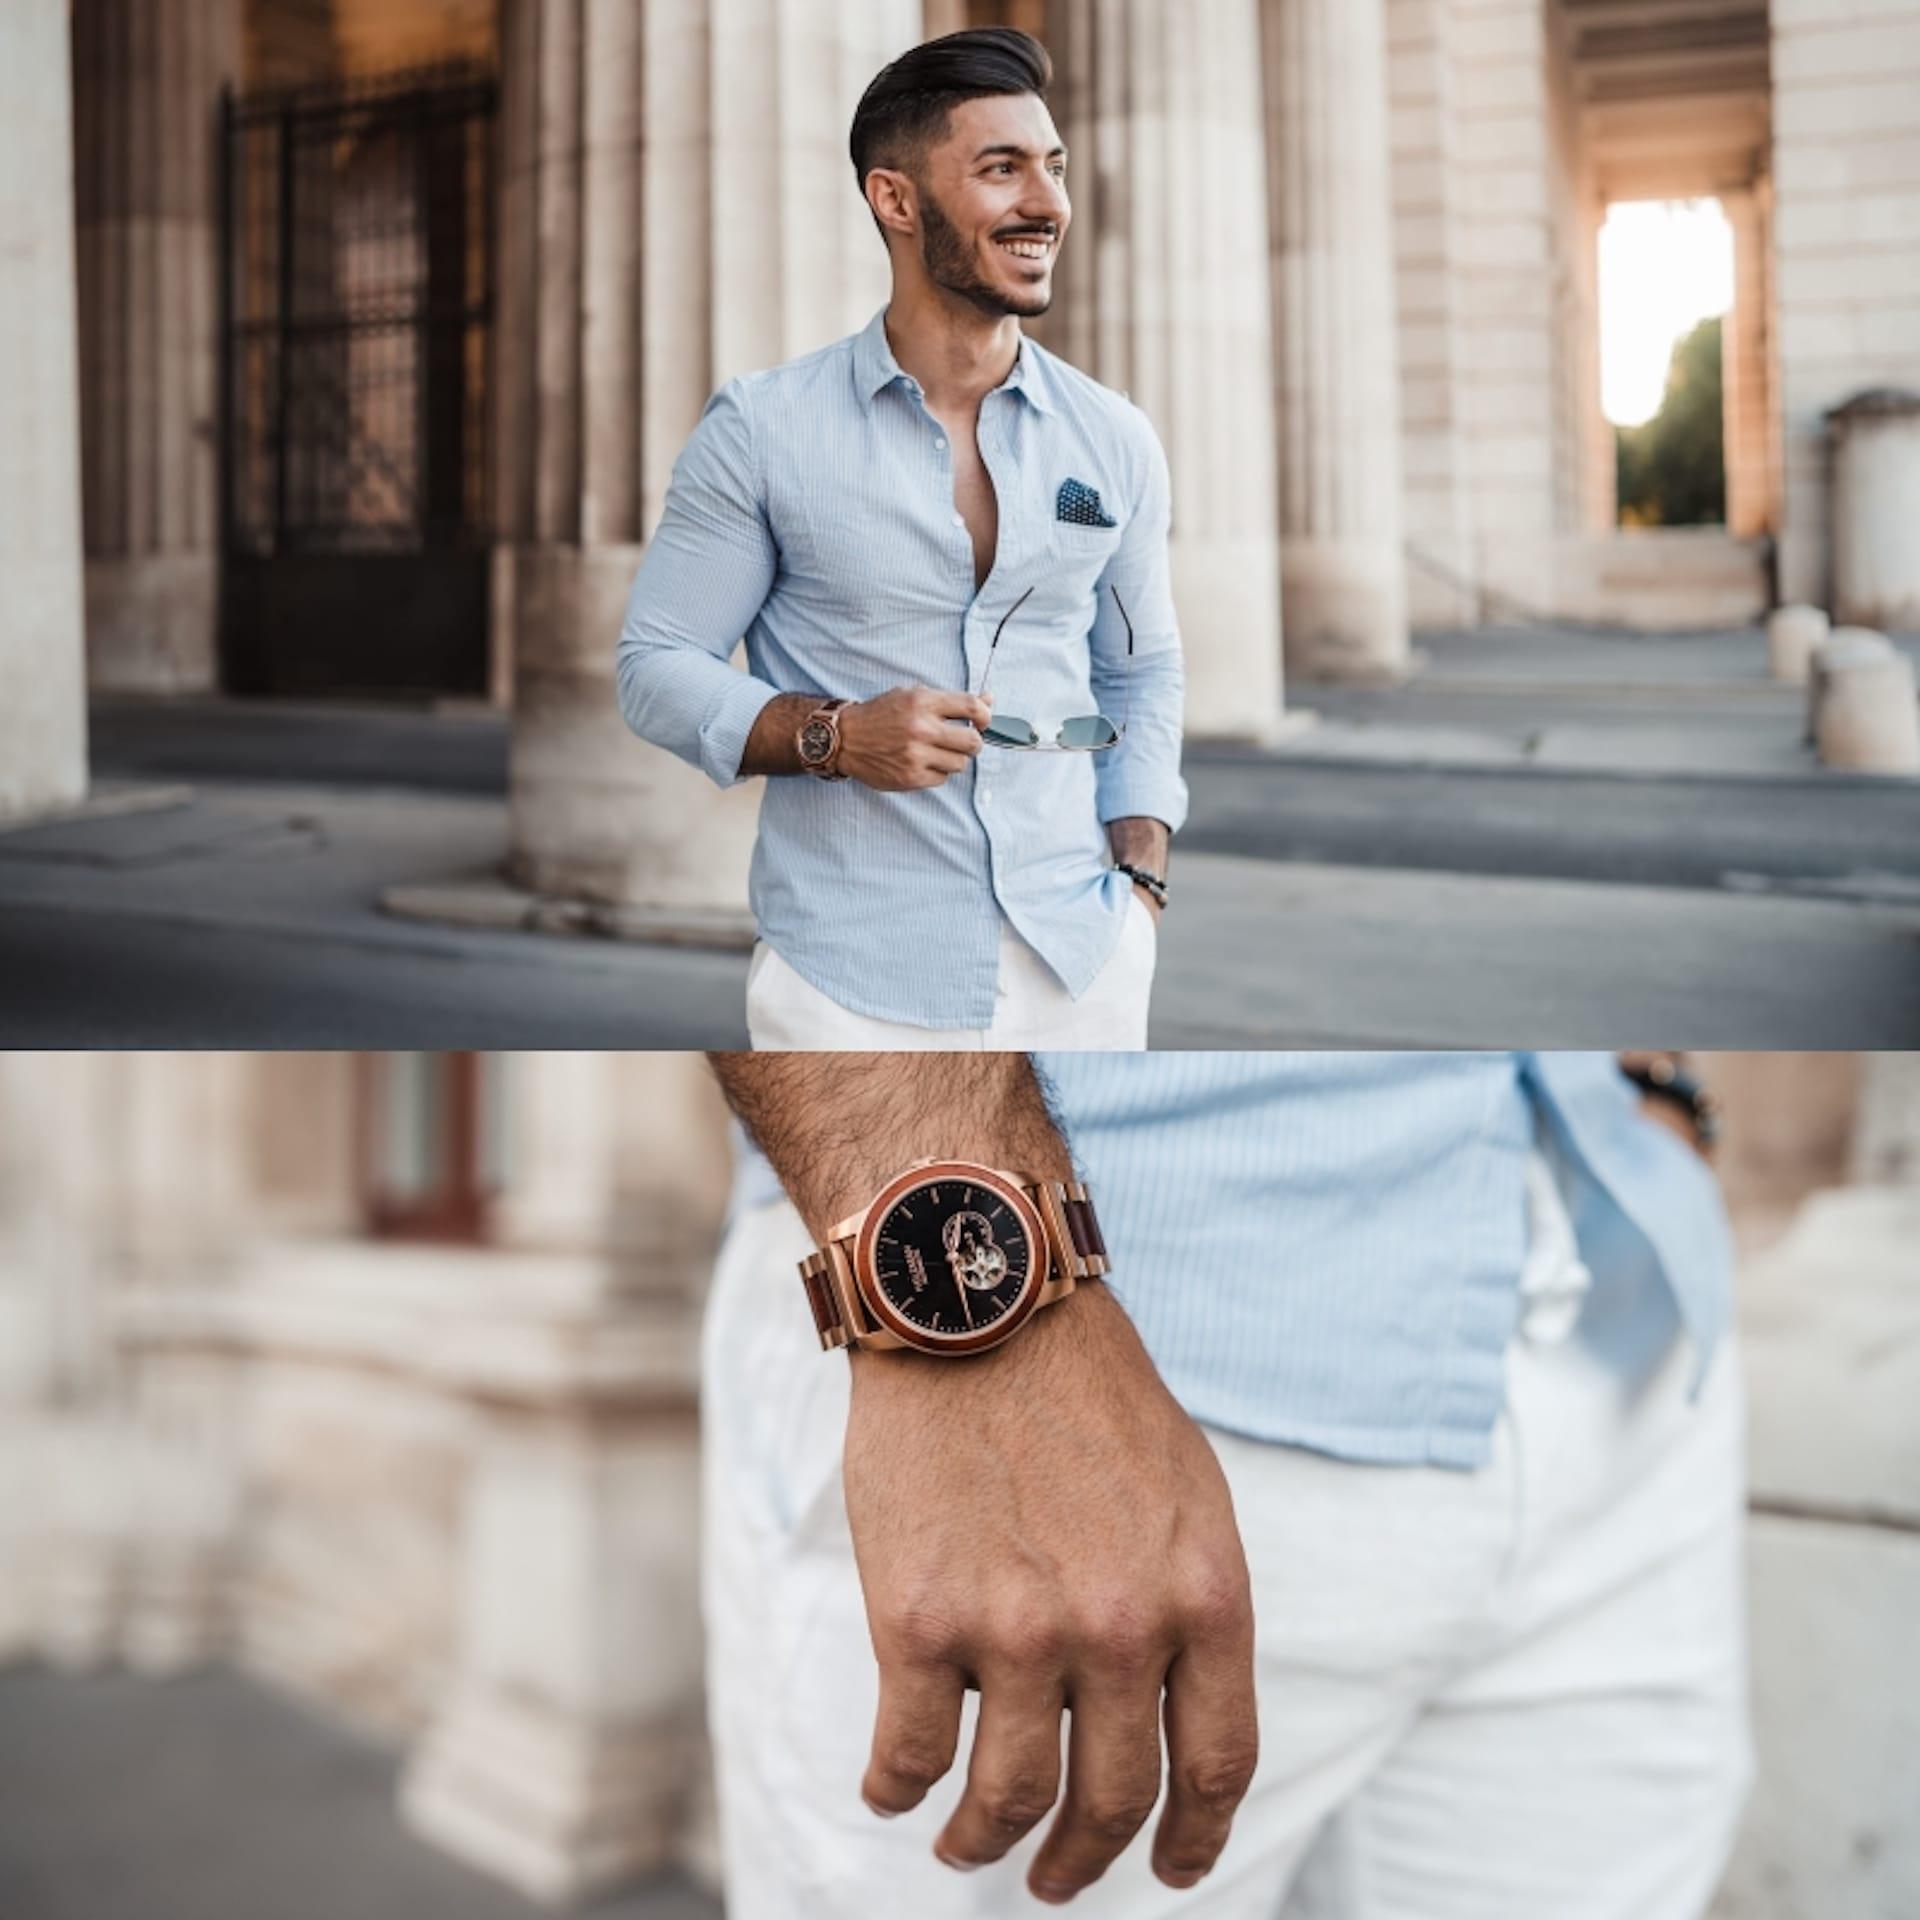 Holzkern Uhr Uhren Trend für den Sommer